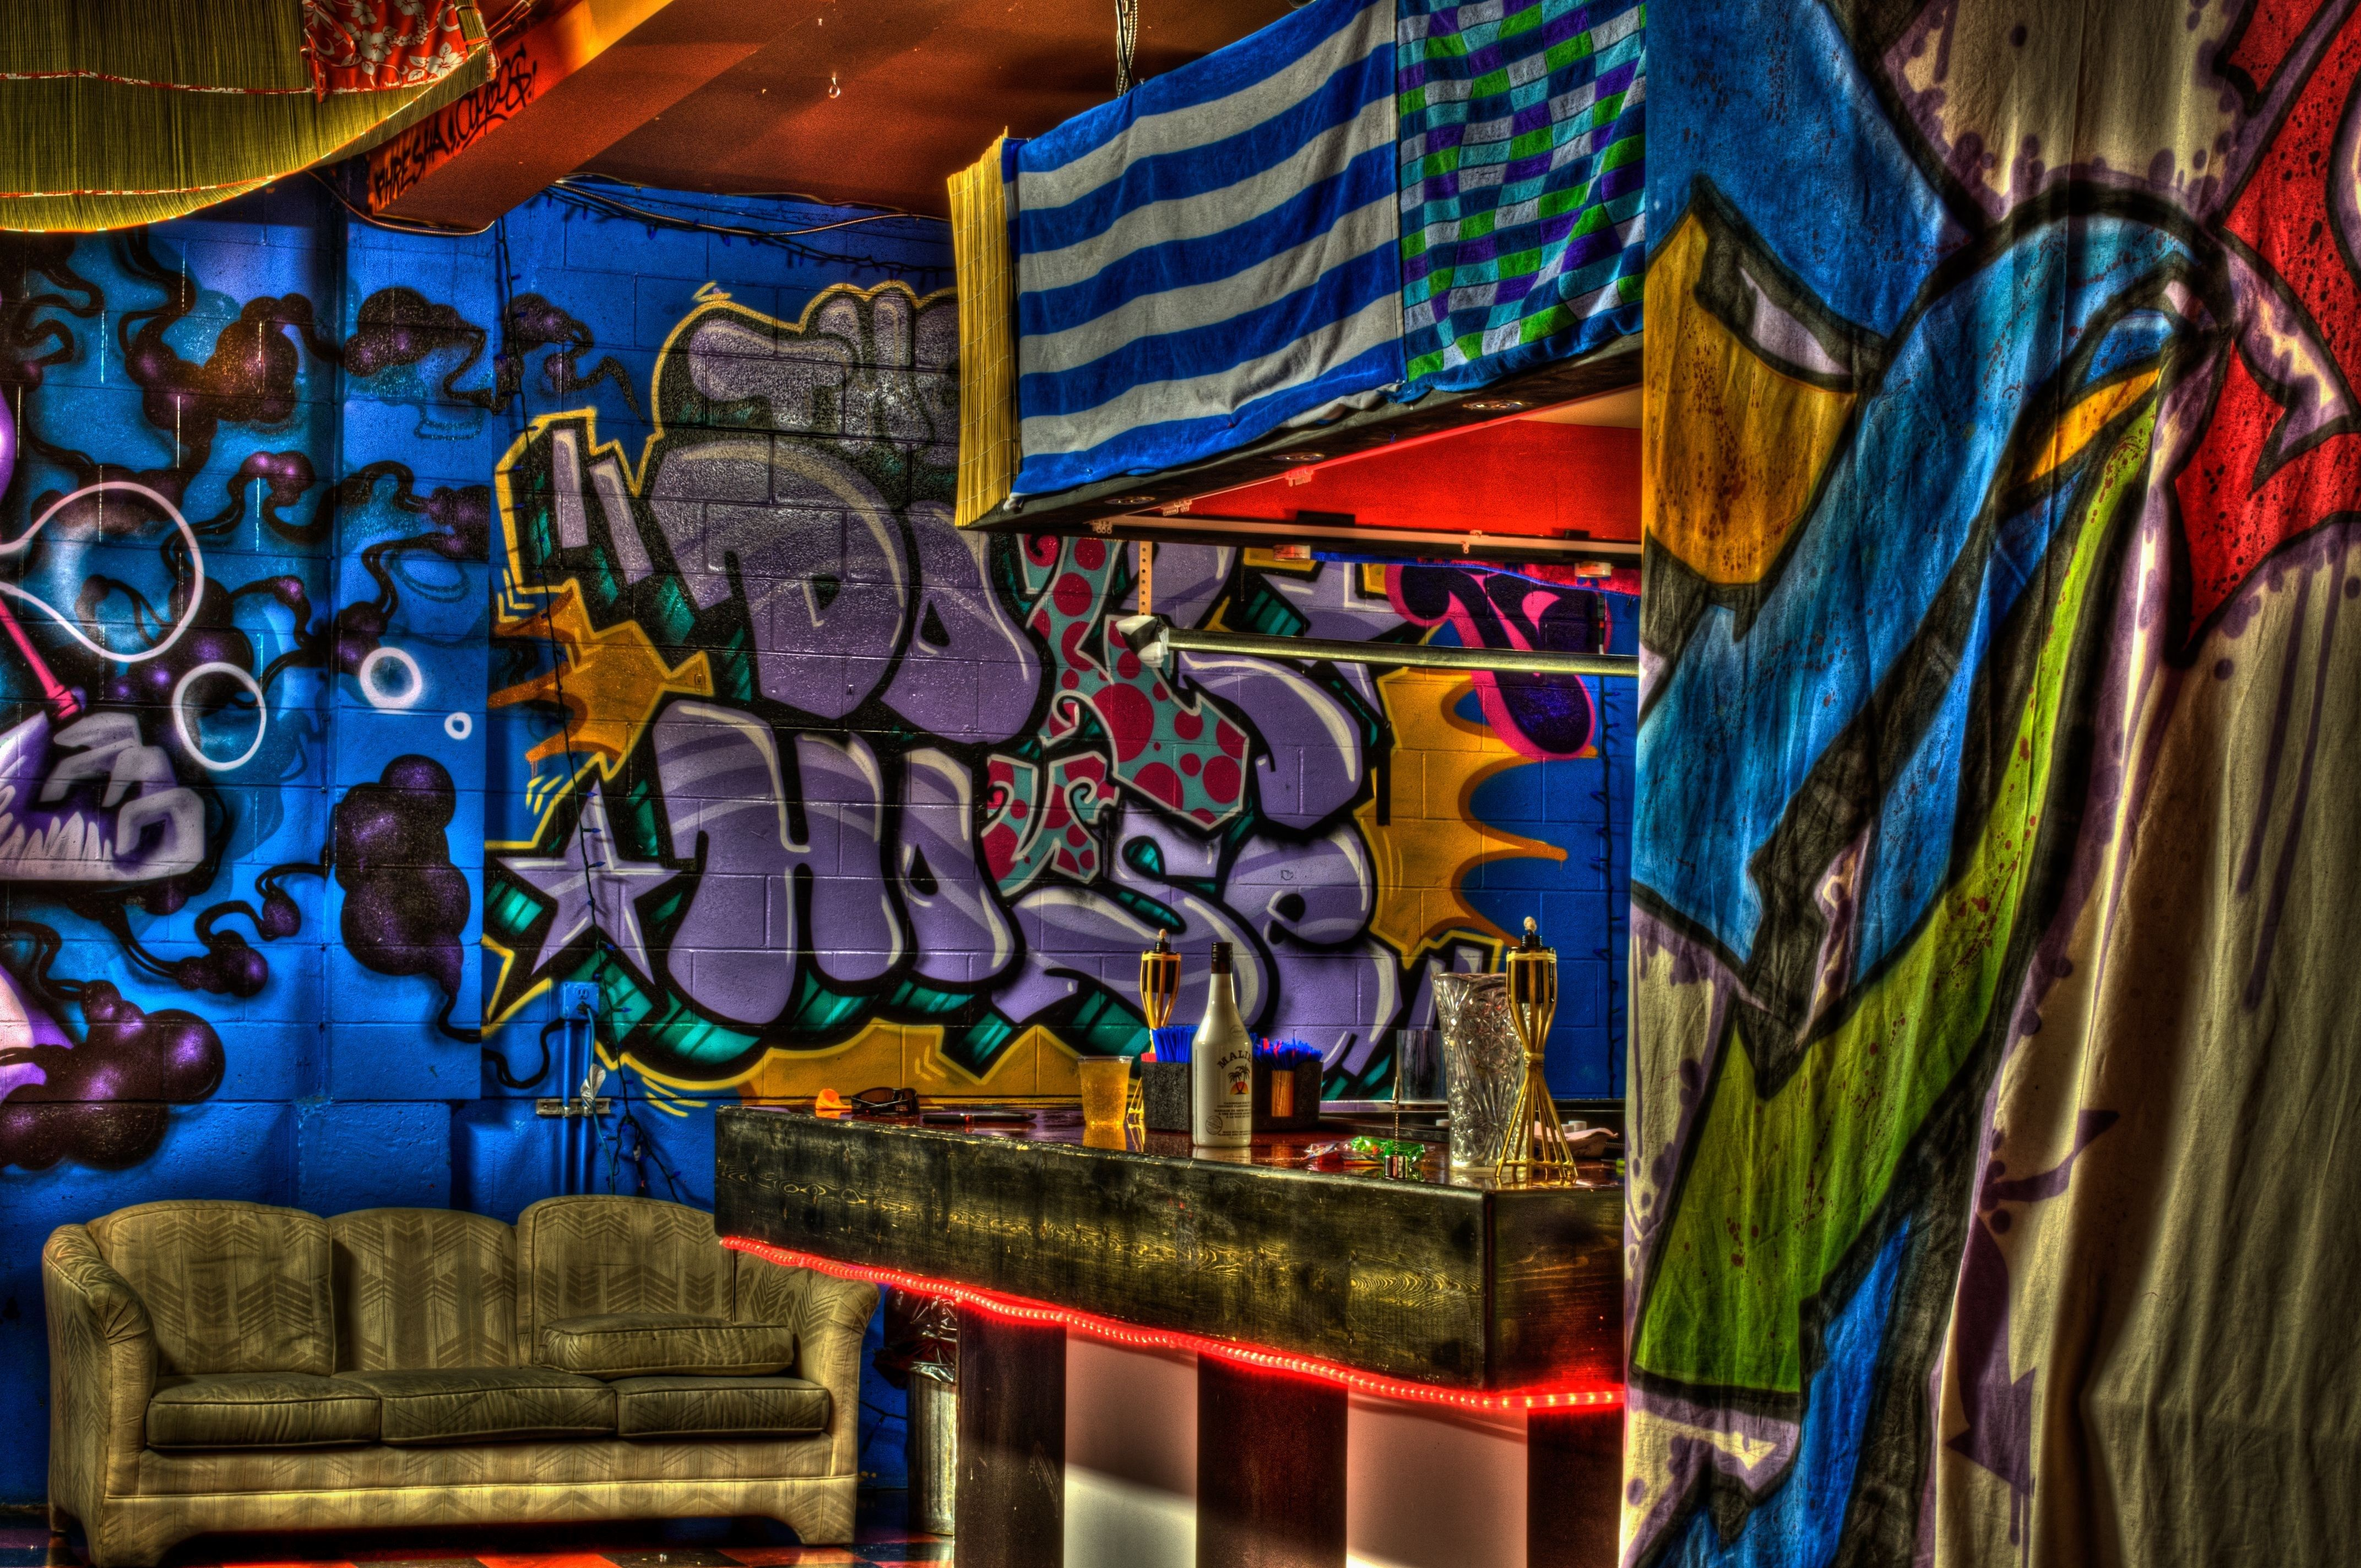 K Graffiti Hd Wallpaper X Graffiti Wallpaper Hd Wallpaper Art Walls